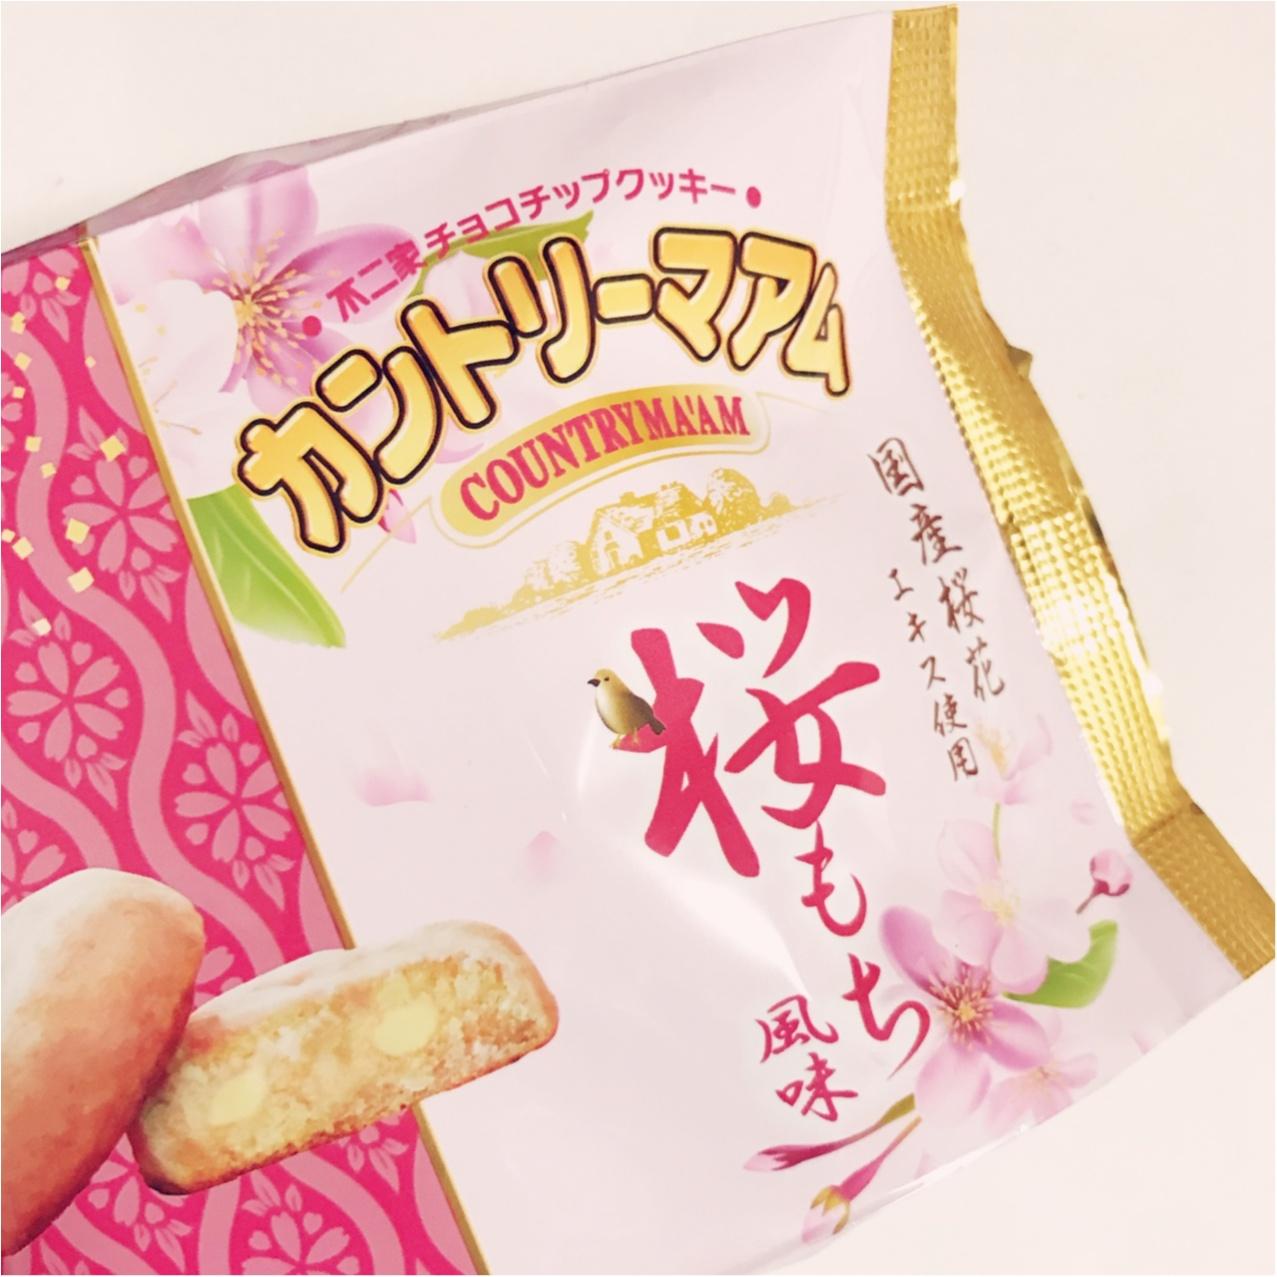 カントリーマアムの新作はなんと《桜もち》味!?♡_1